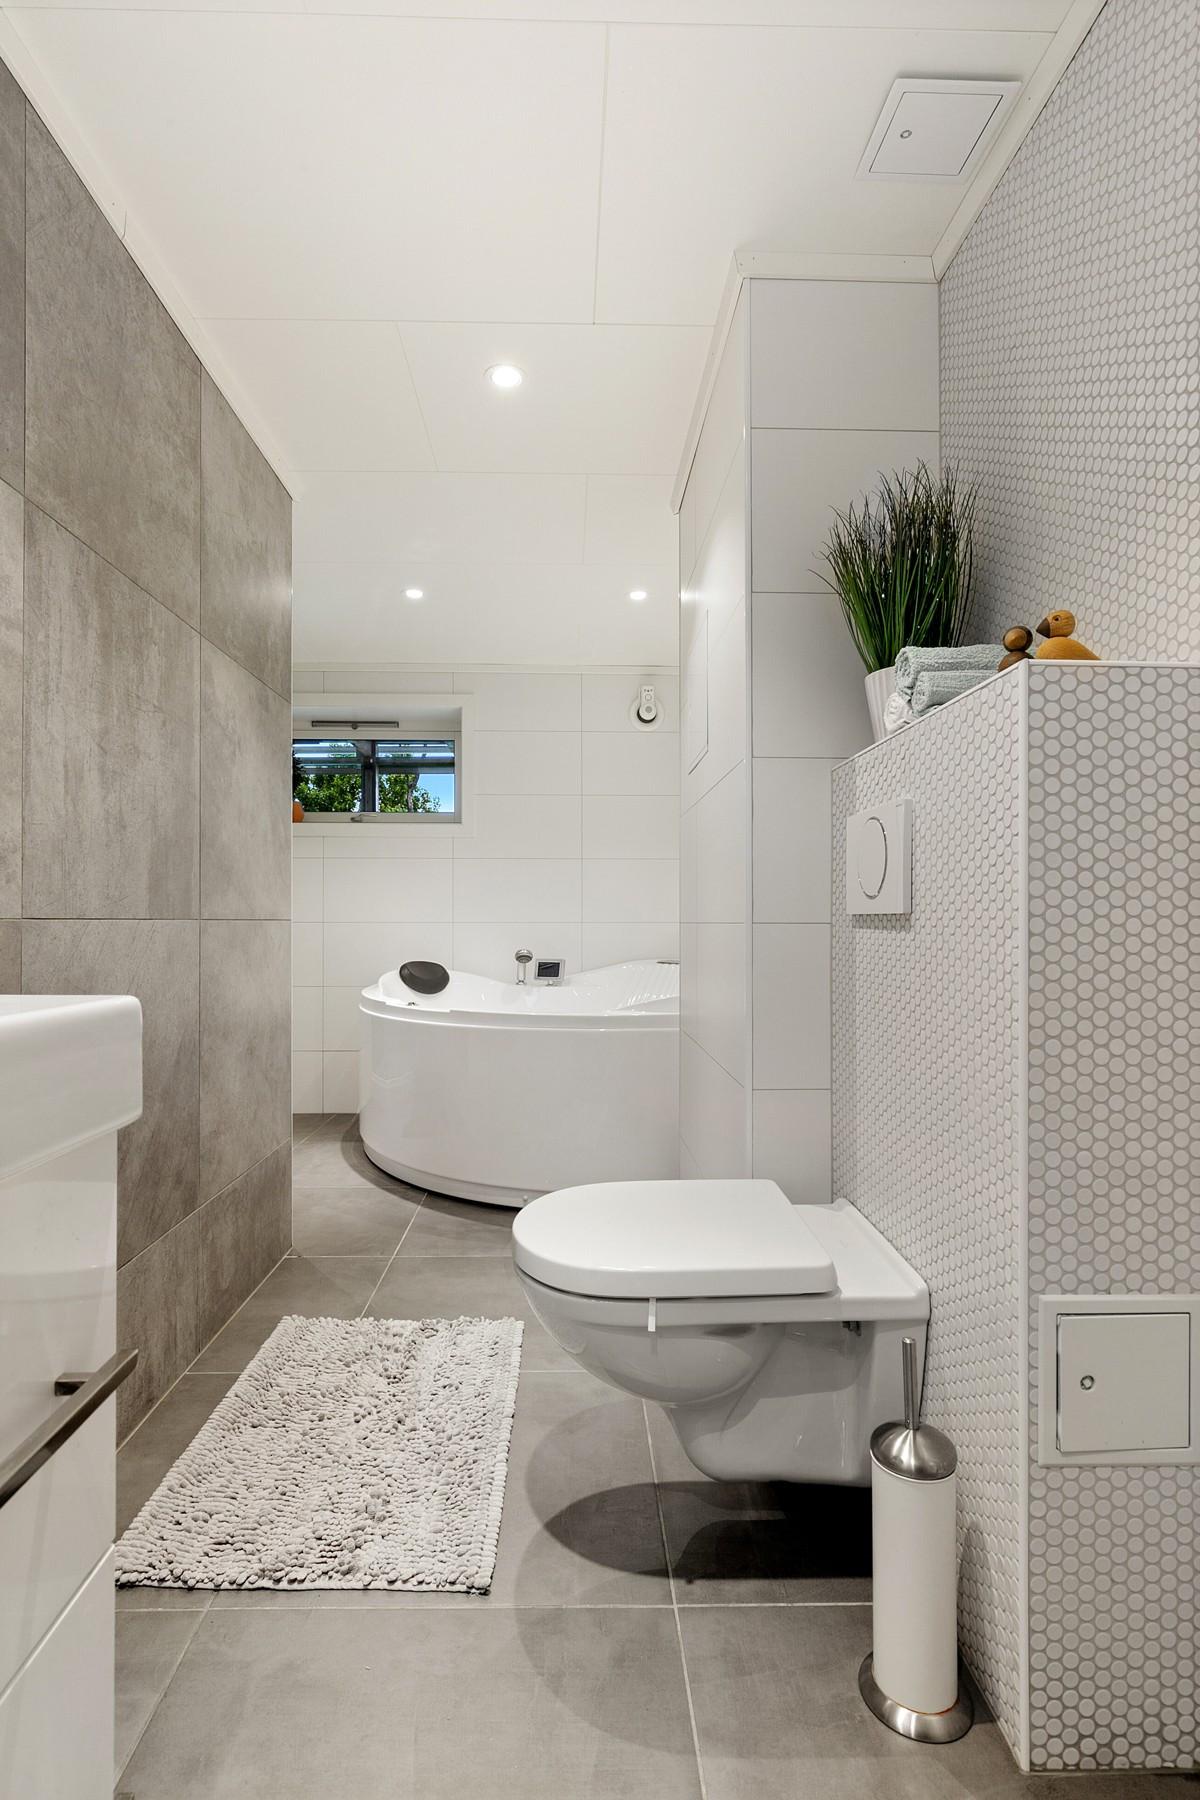 Bad er komplett fliselagt med varmekabler